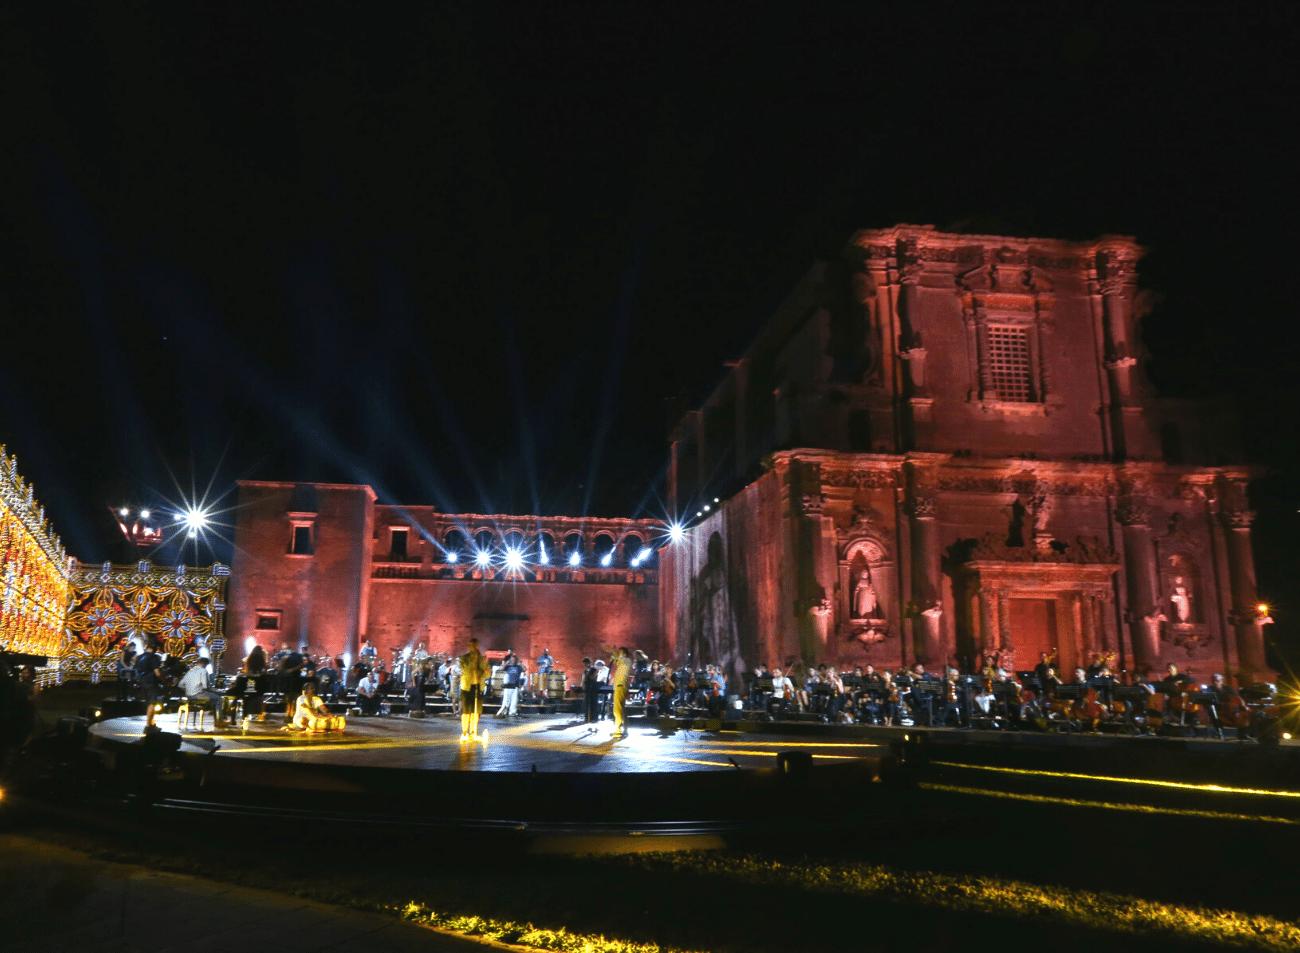 Il Festival della Notte della Taranta a Melpignano